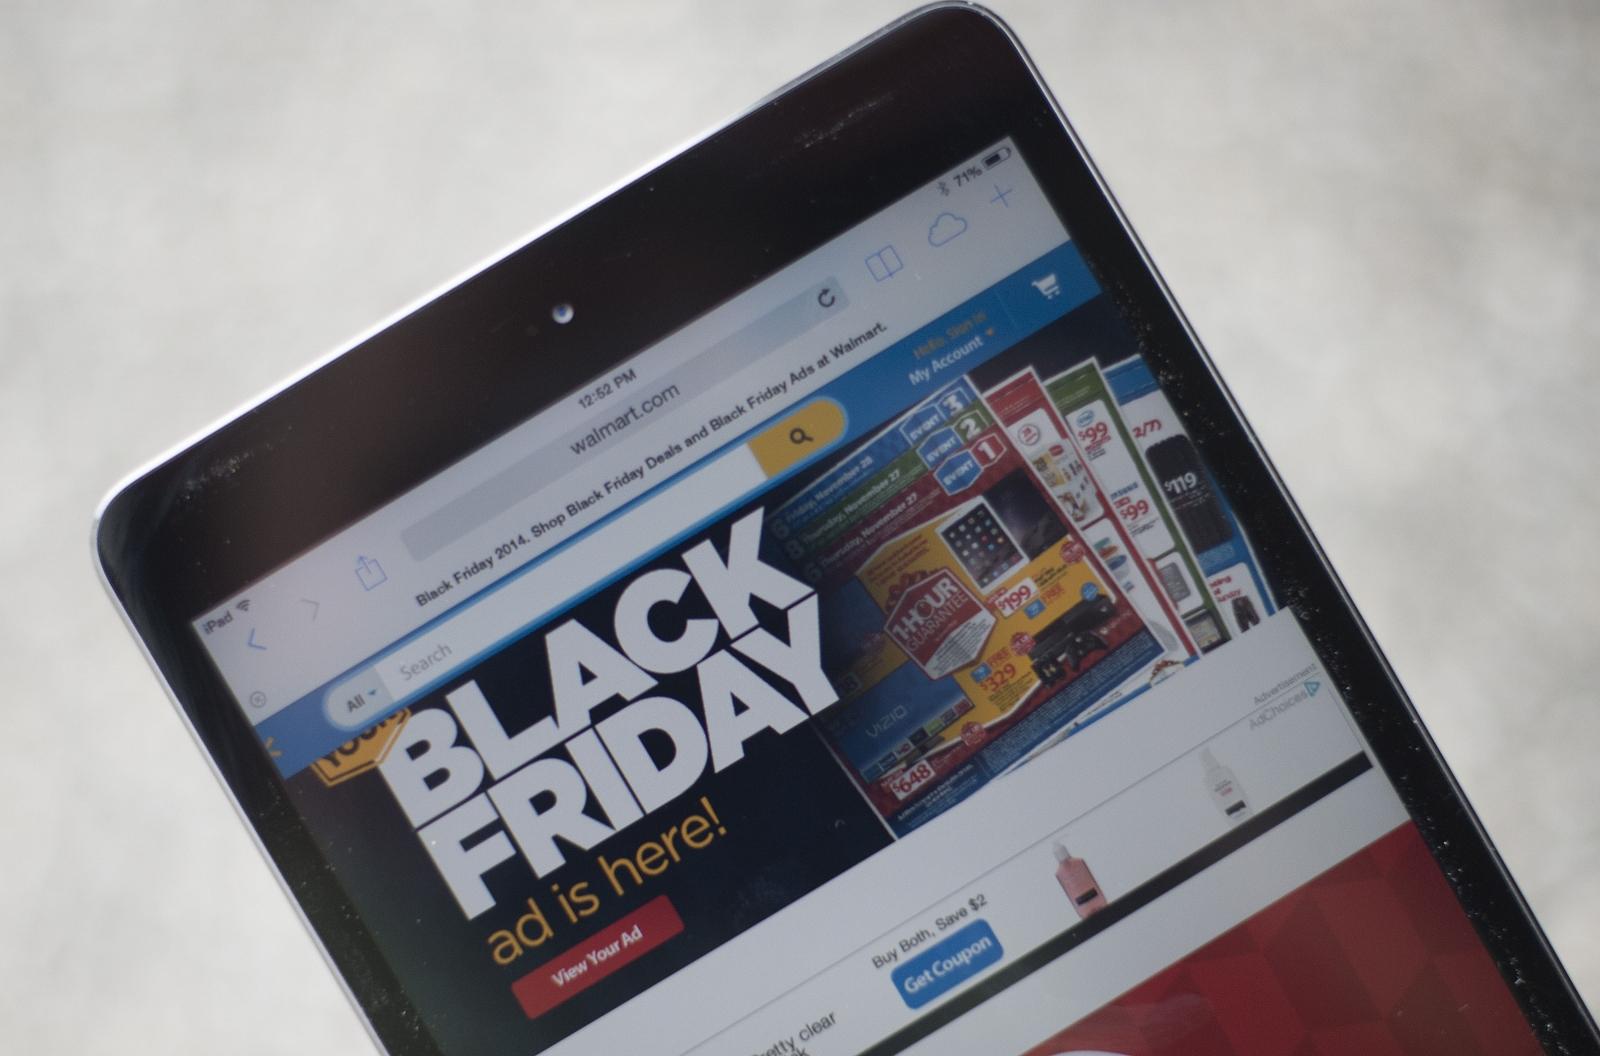 Black Friday Deals Live Blog